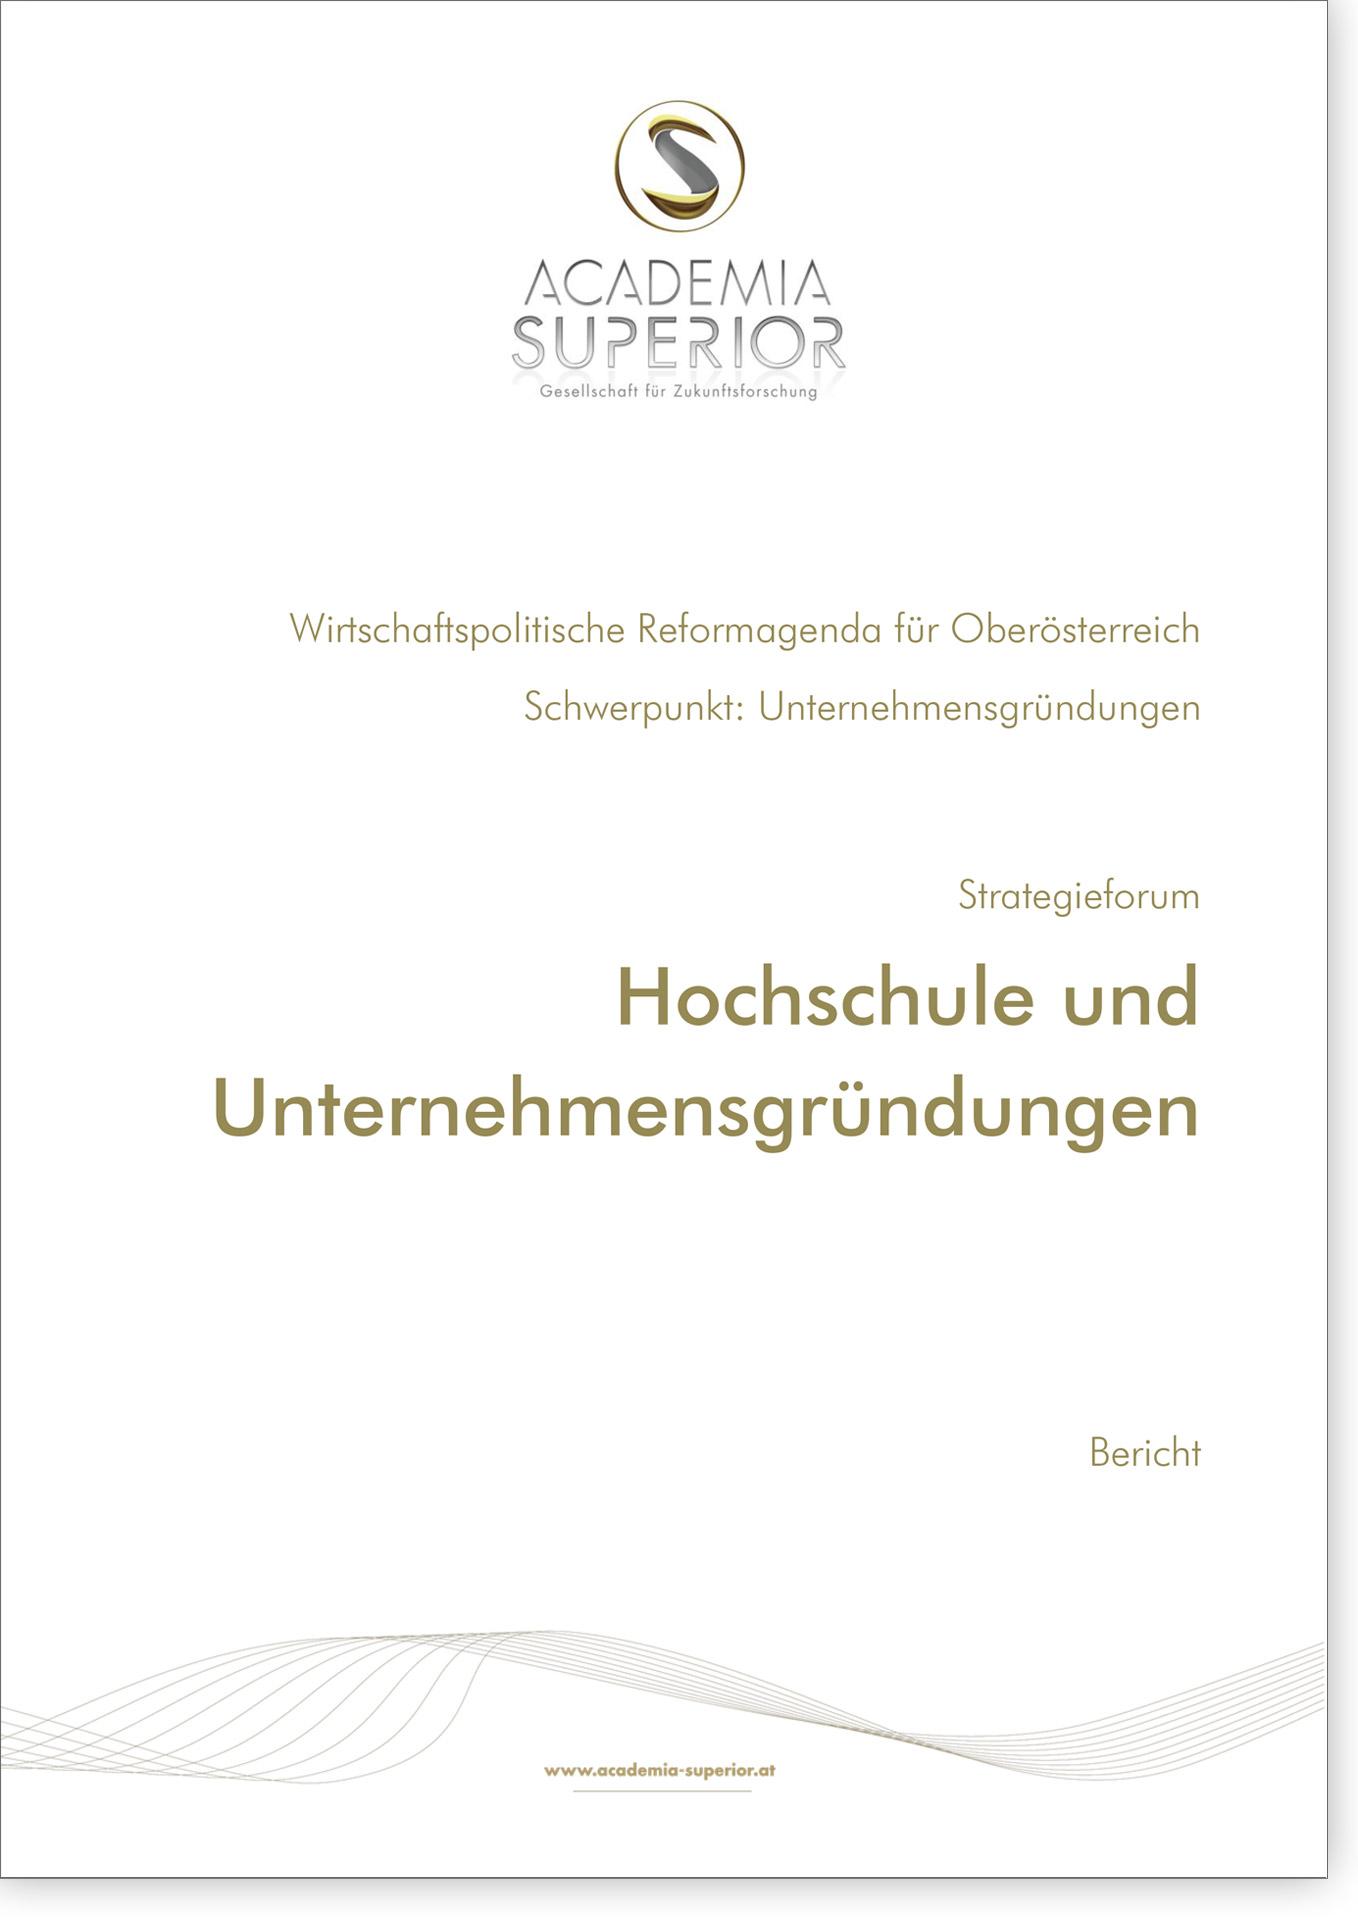 Cover Bericht Hochschule und Unternehmensgründungen